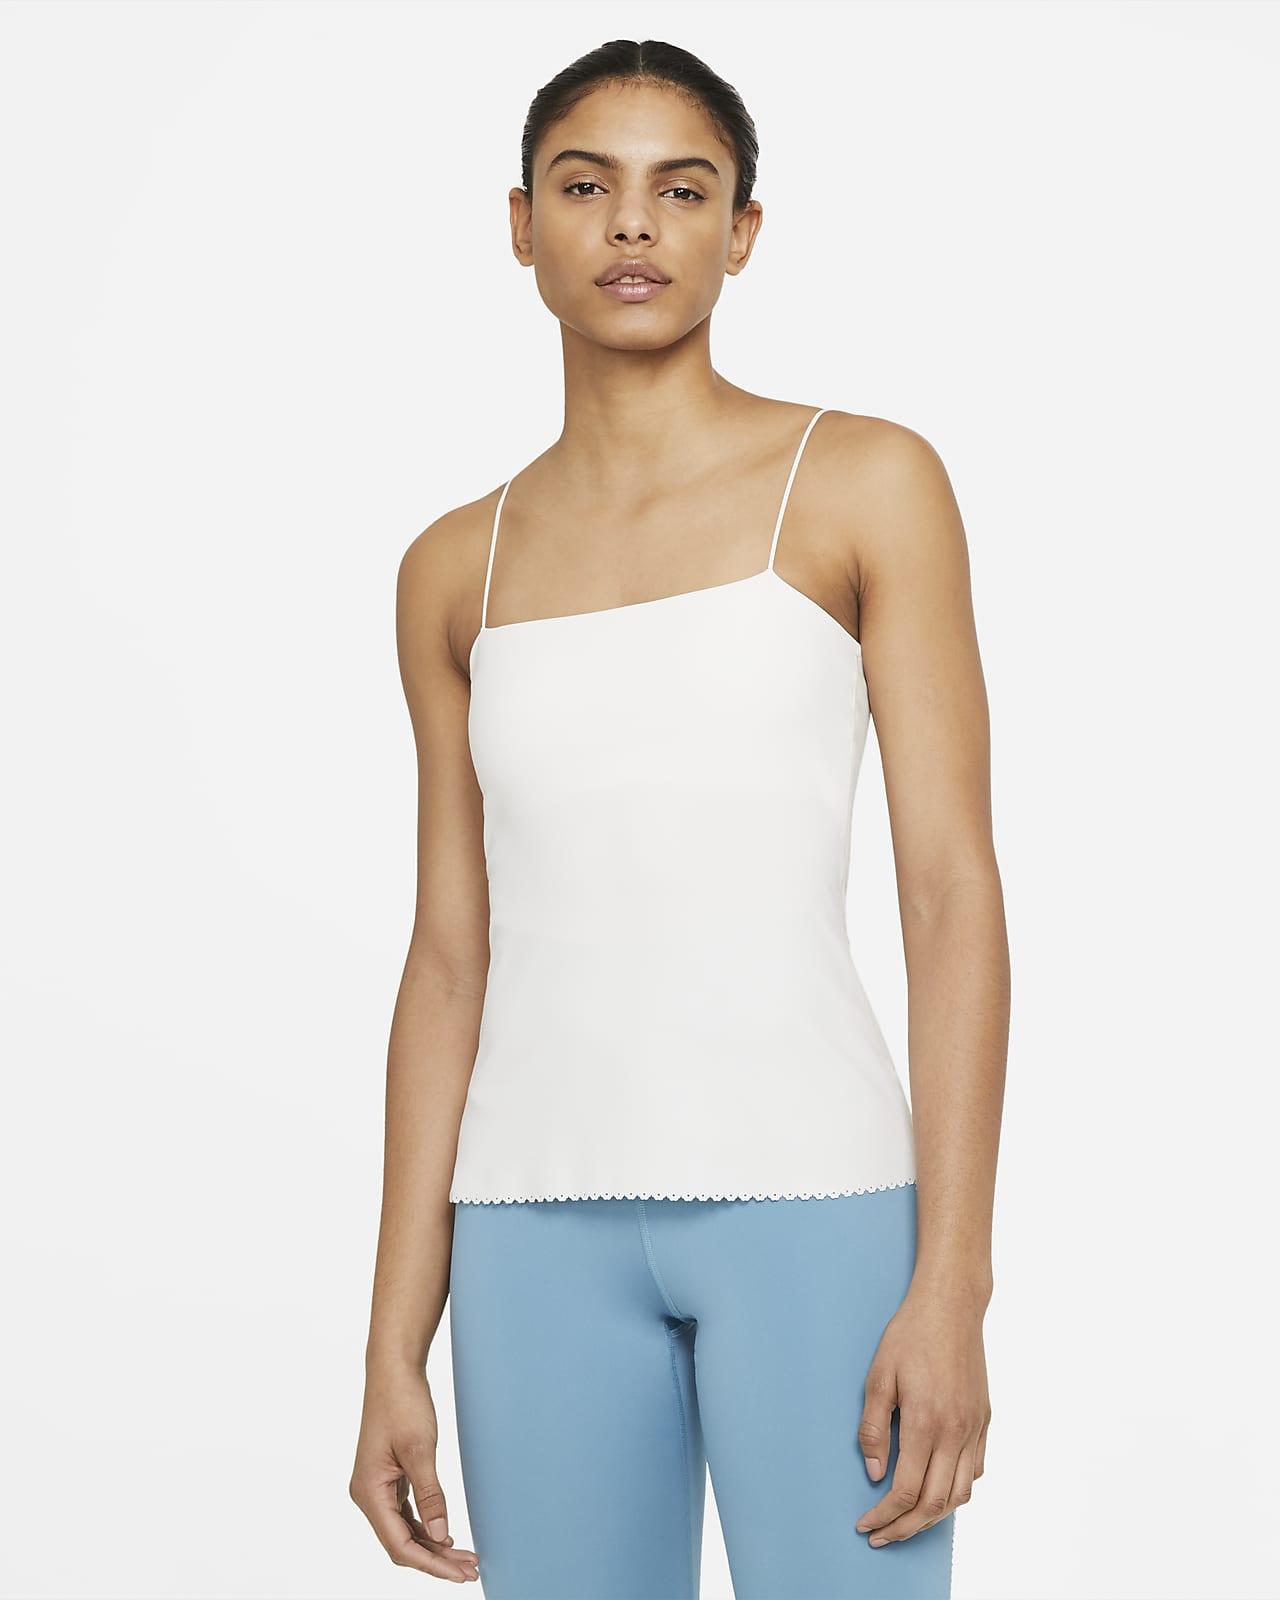 Женская майка с вшитым бра Nike Yoga Luxe Eyelet